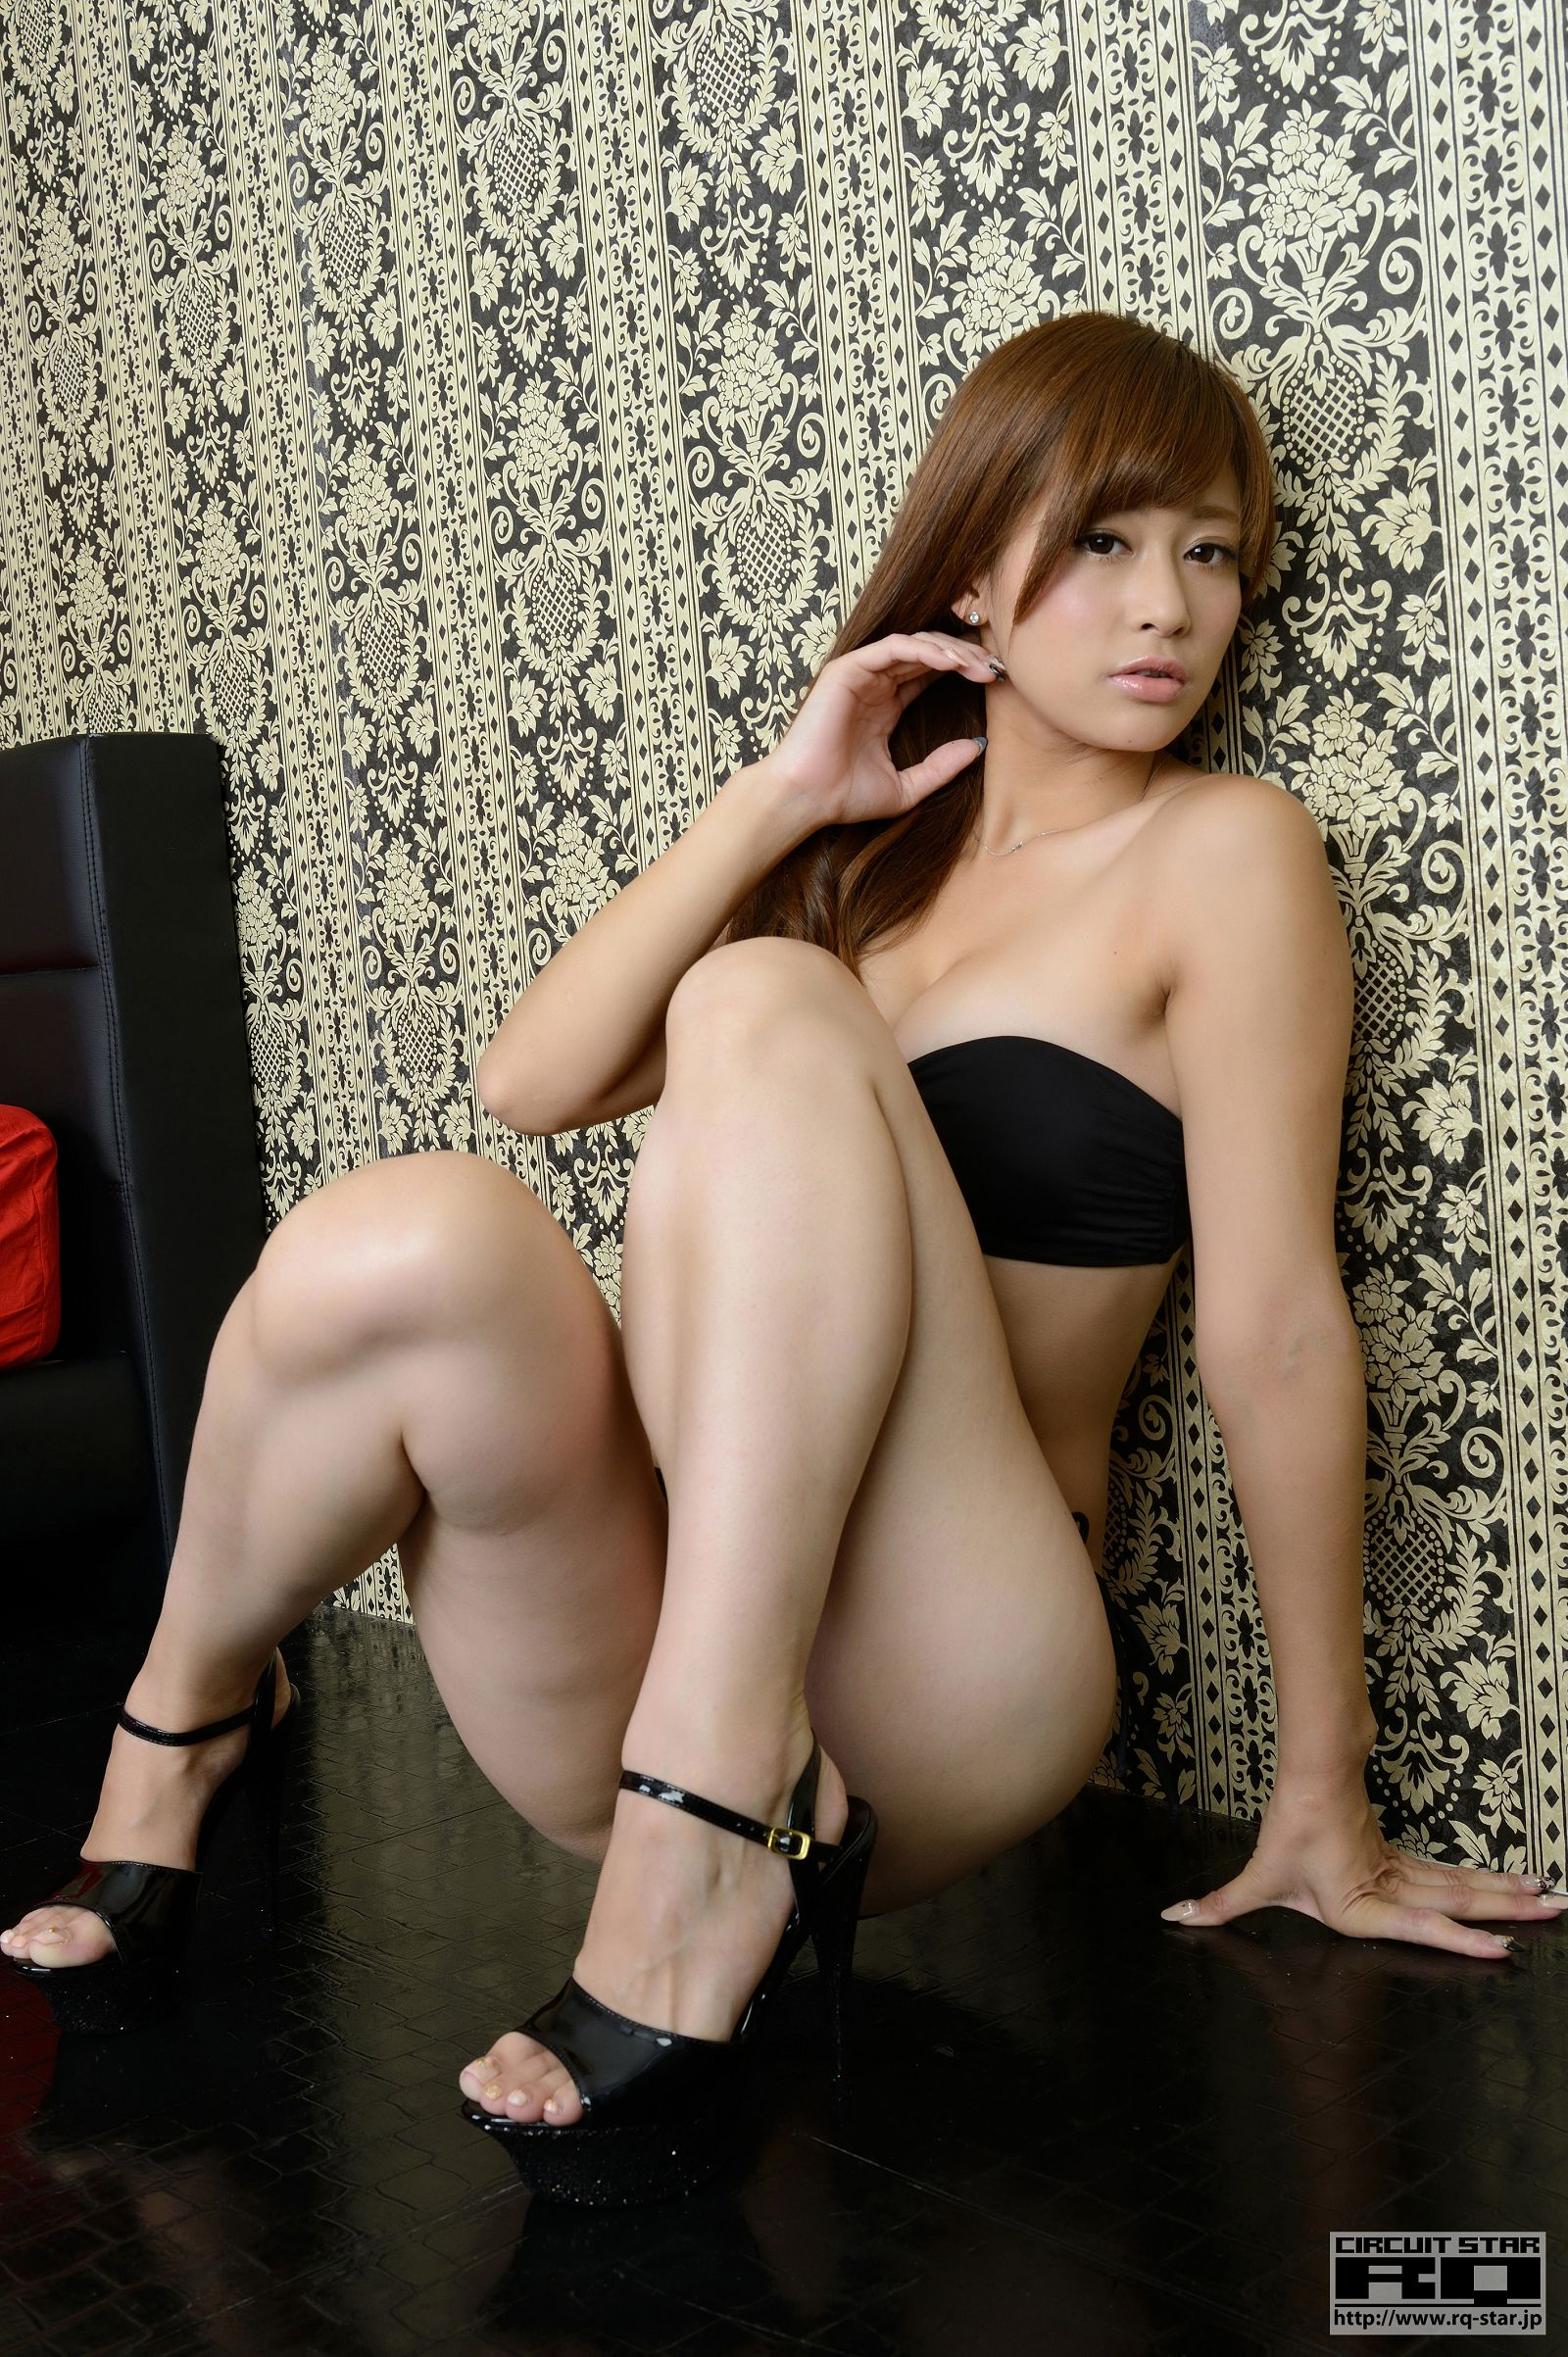 [RQ STAR美女] NO.00857 Ami Kawase 河瀬杏美 Swim Suits[80P] RQ STAR 第4张